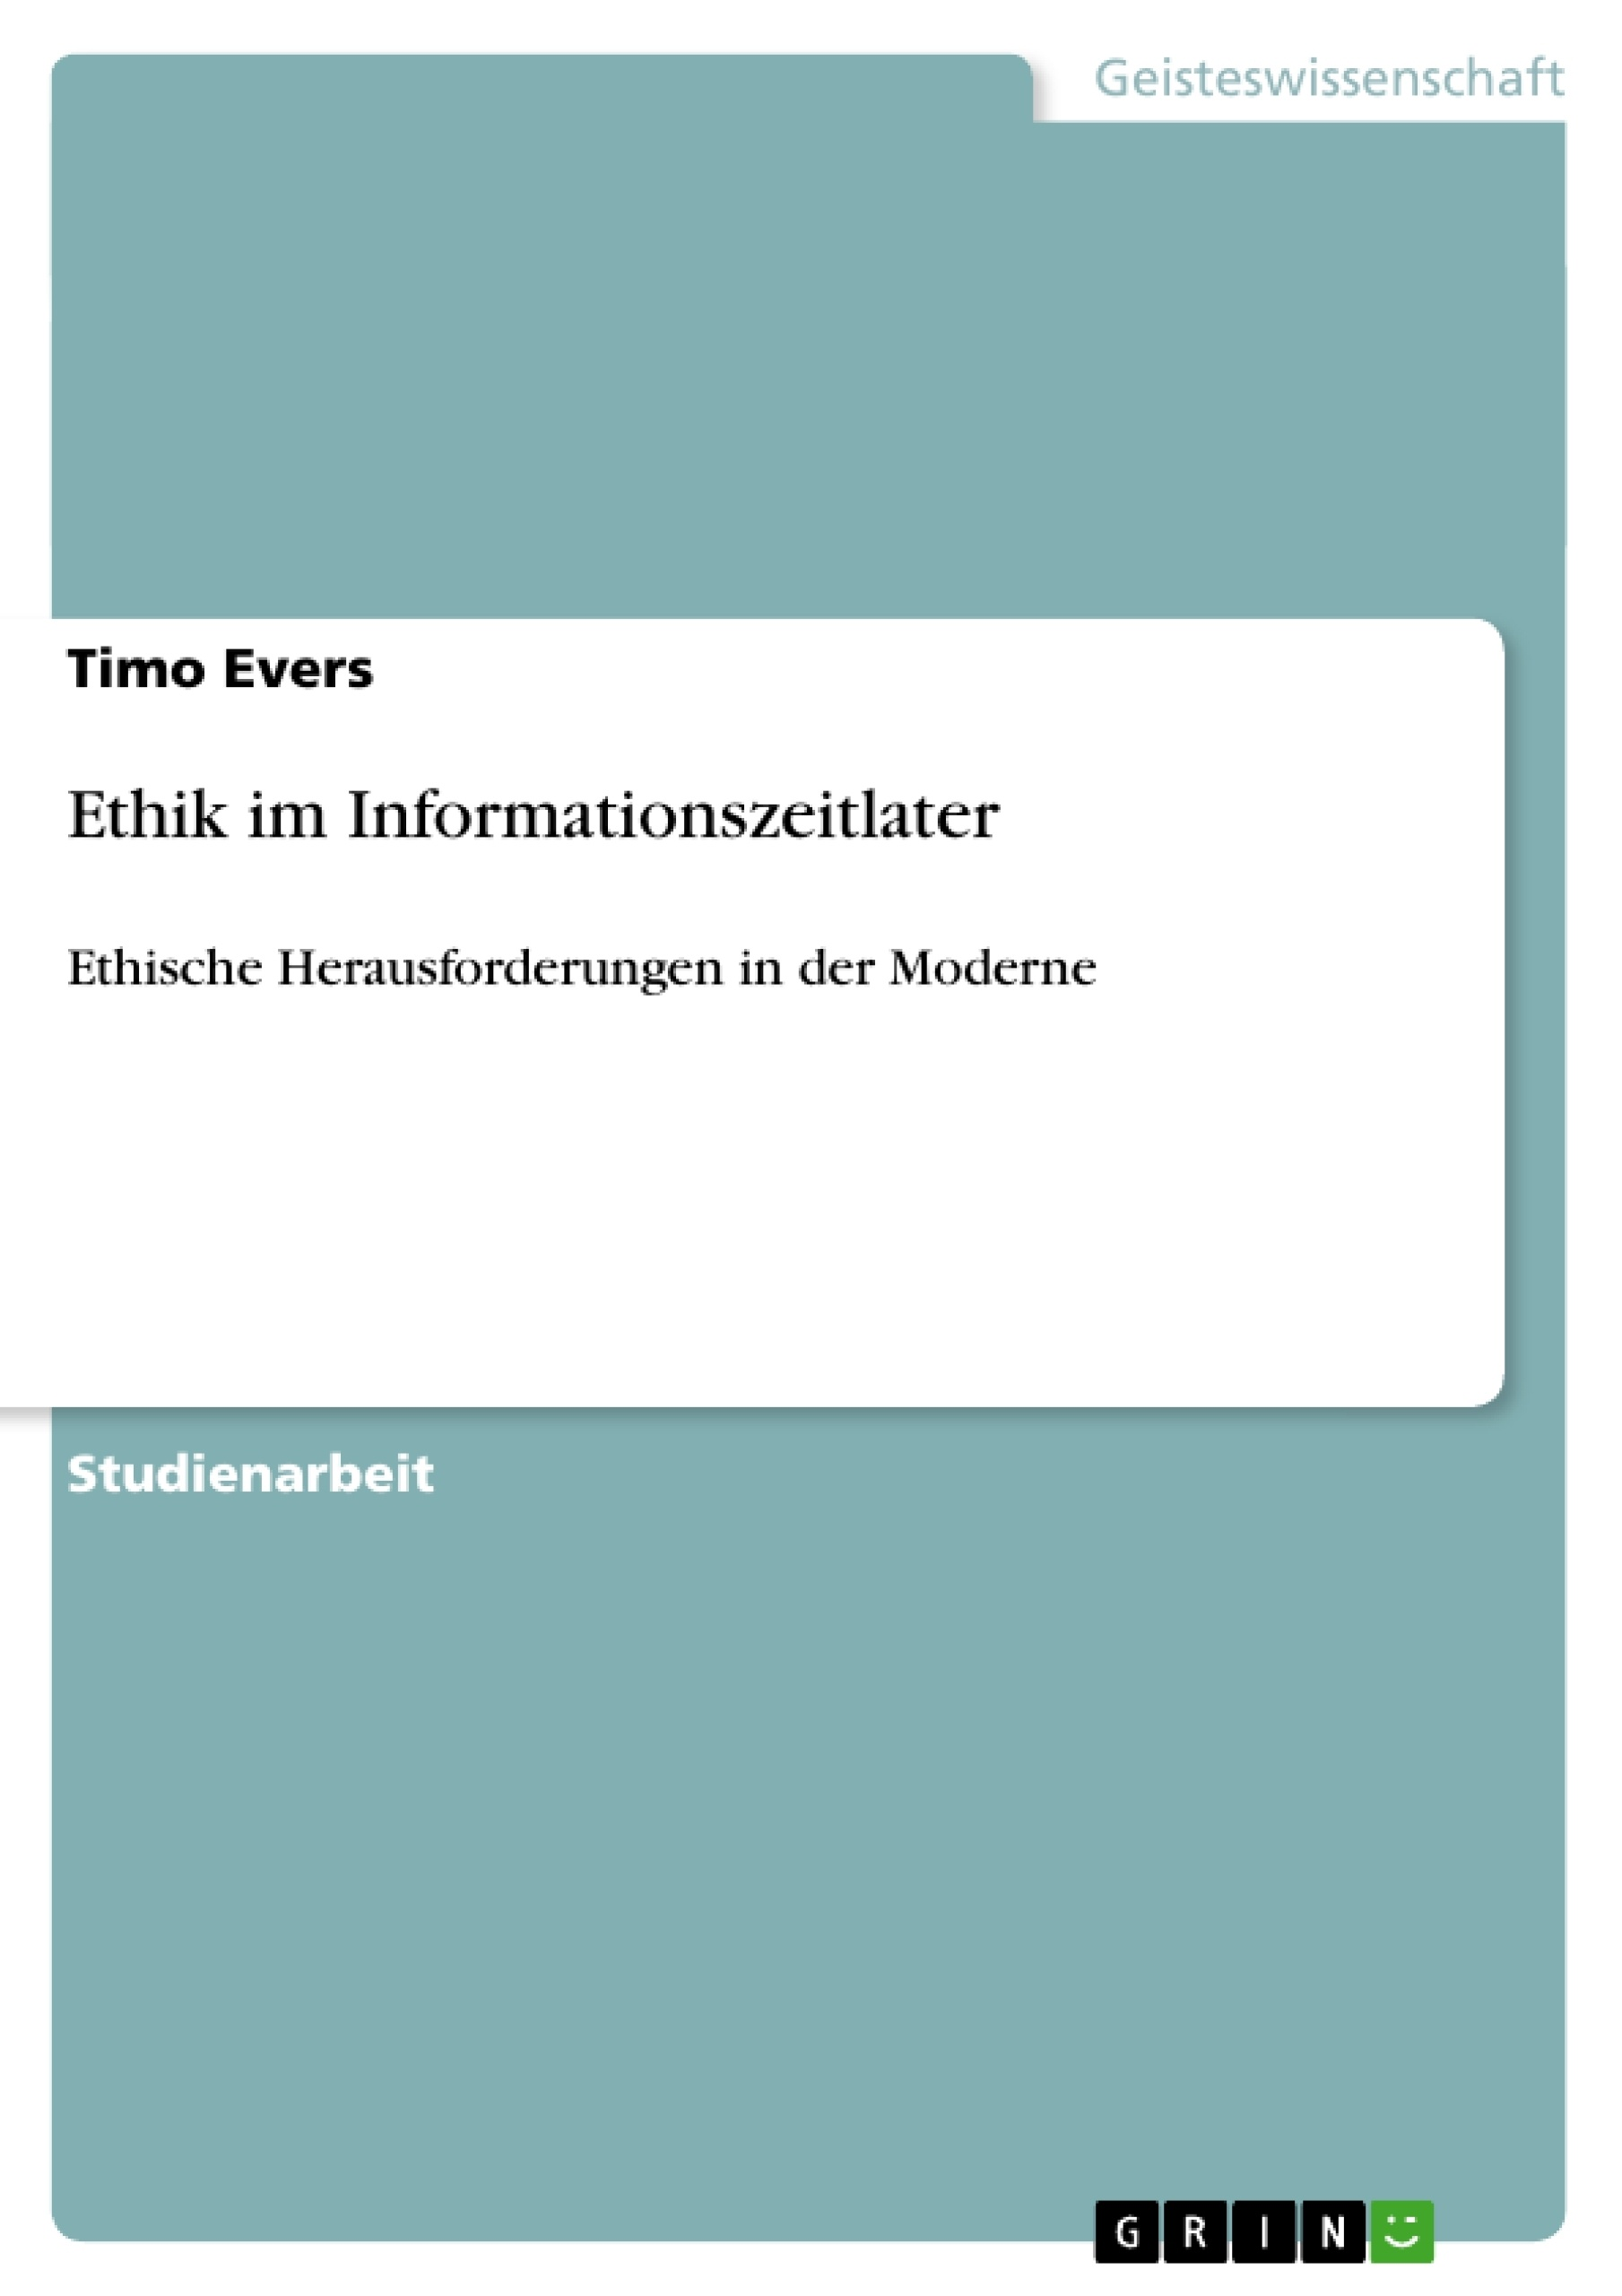 Titel: Ethik im Informationszeitlater